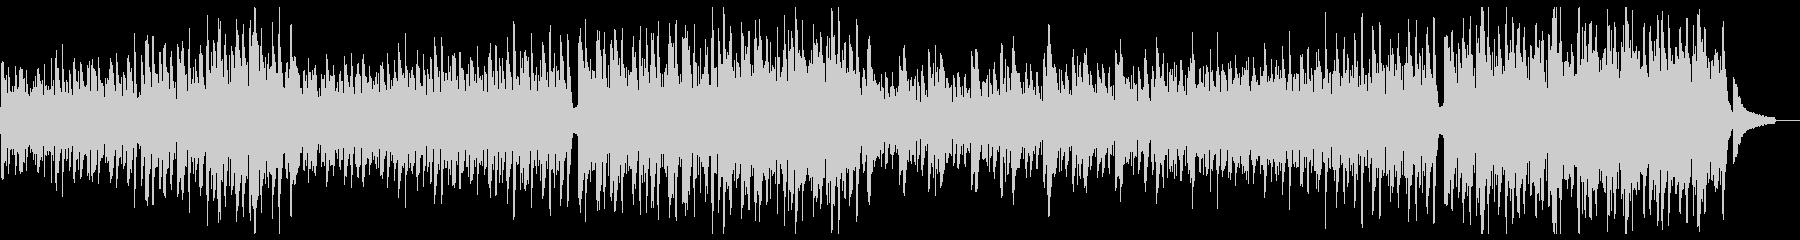 うきうき陽気なオーケストラx1の未再生の波形